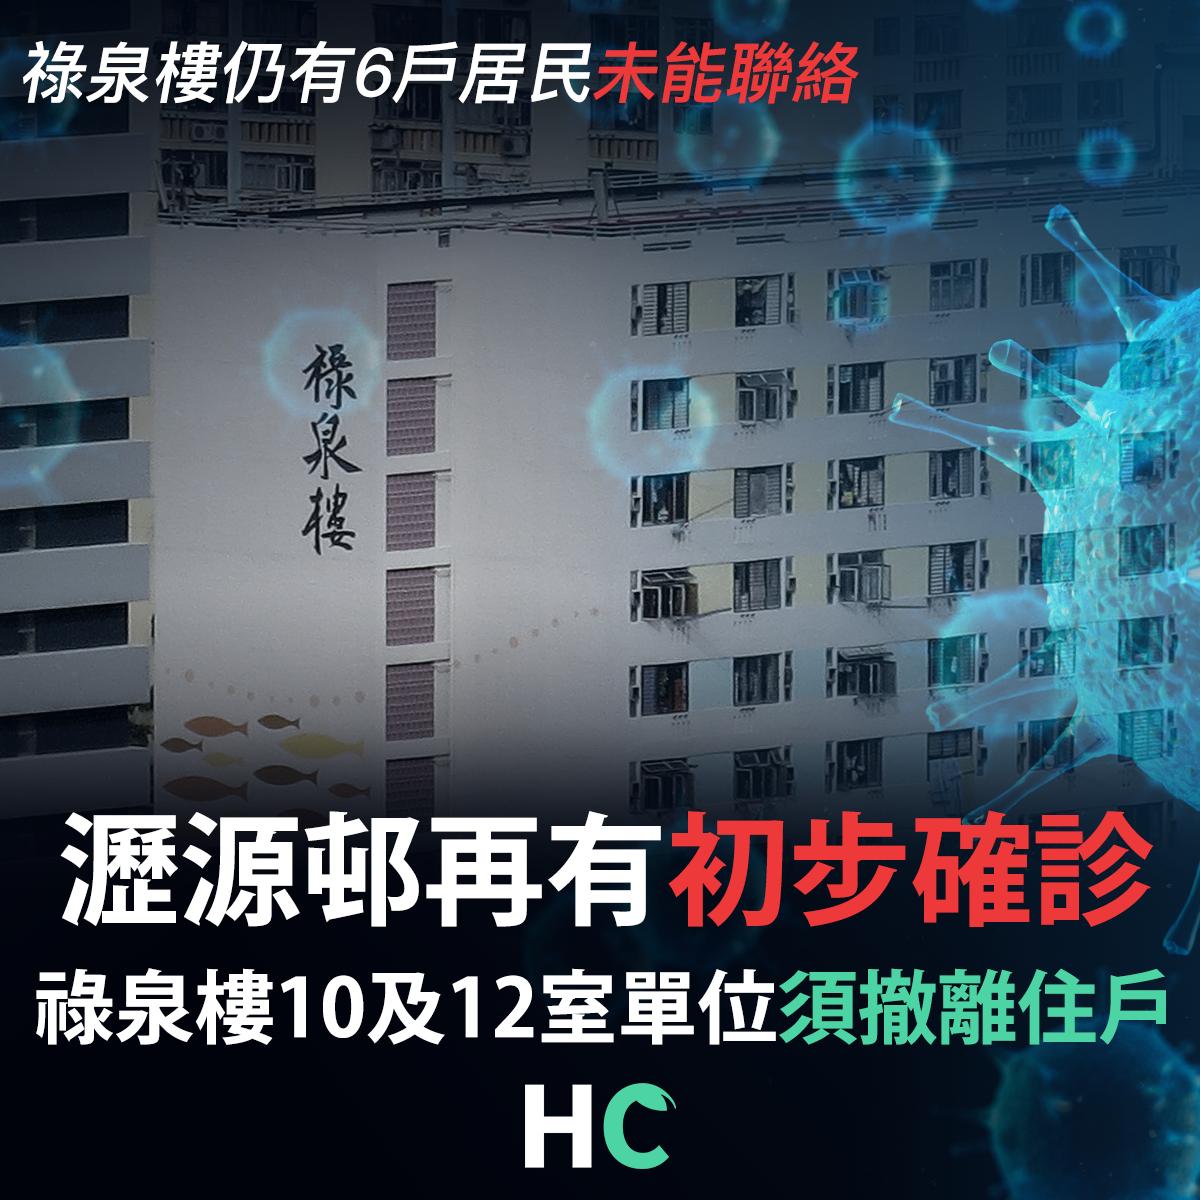 【#新型肺炎】瀝源邨再有初步確診 祿泉樓10及12室單位須撤離住戶